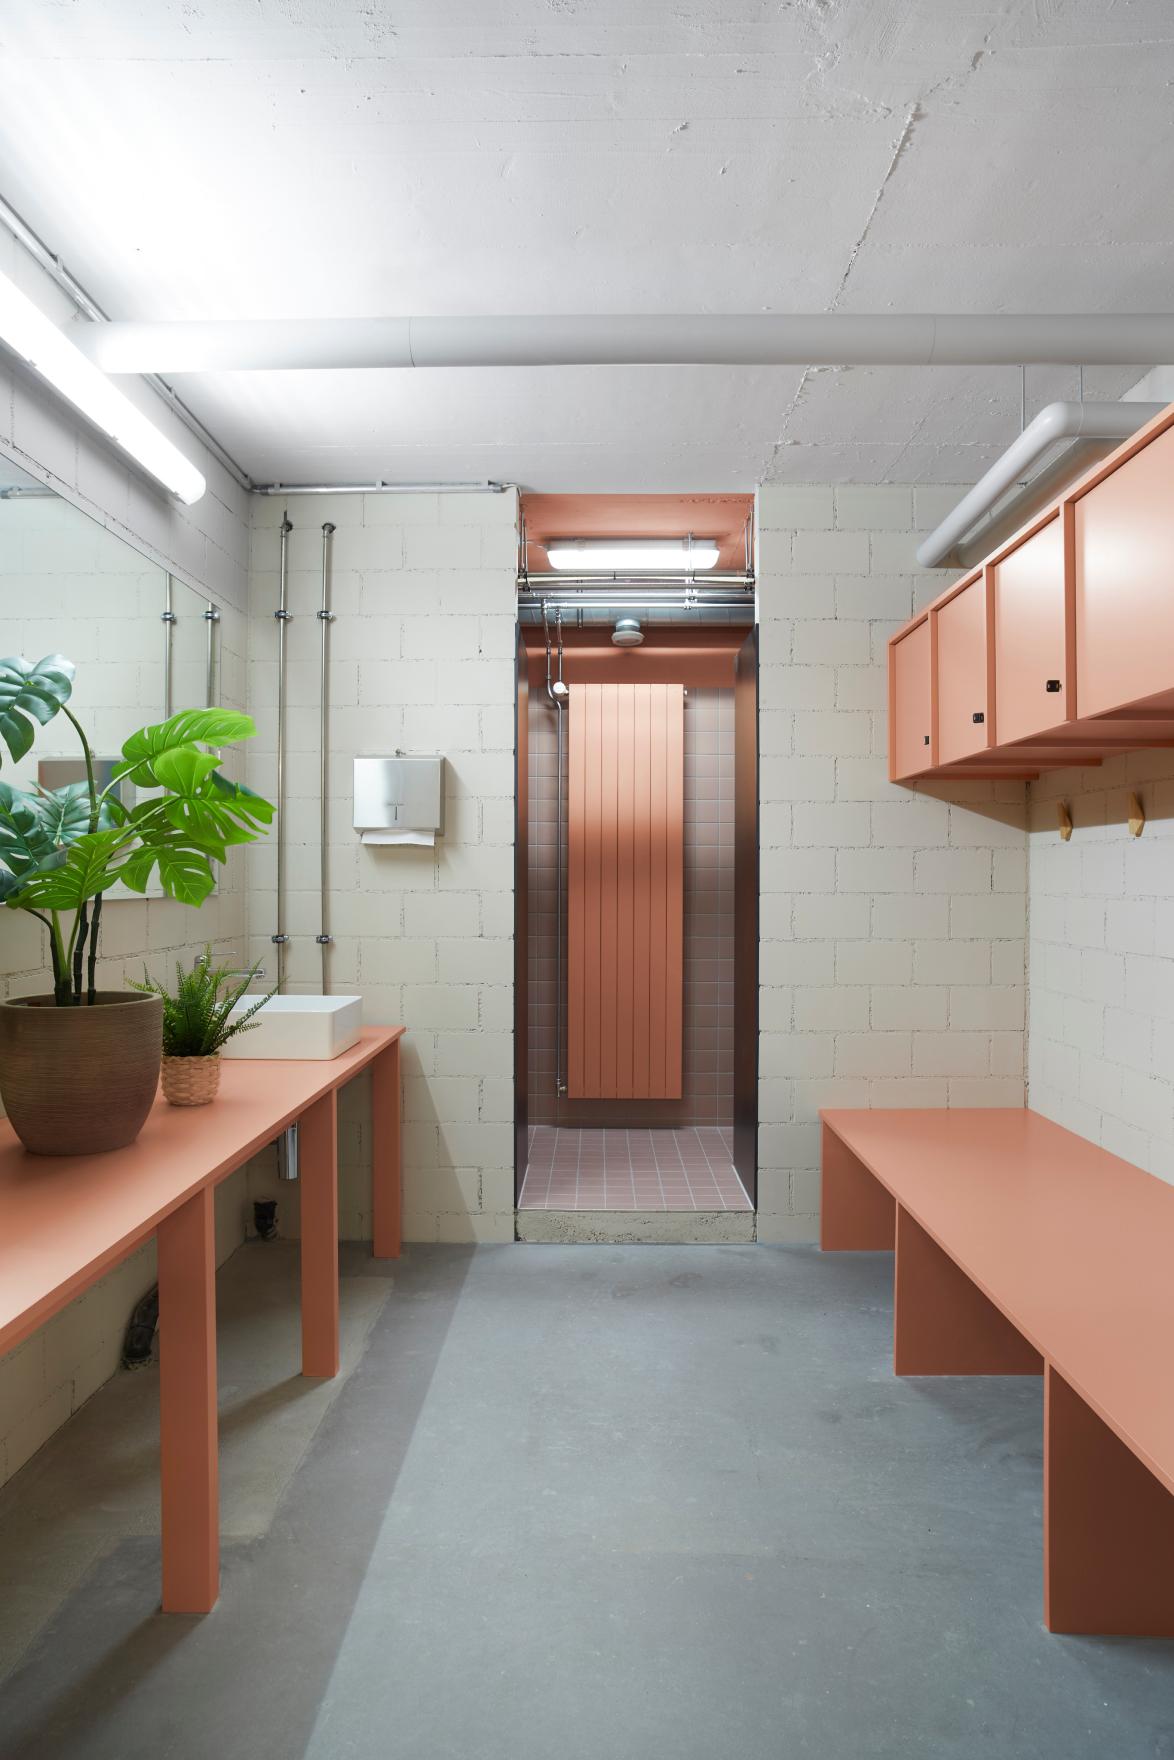 Garderobe & Dusche Enzian Health